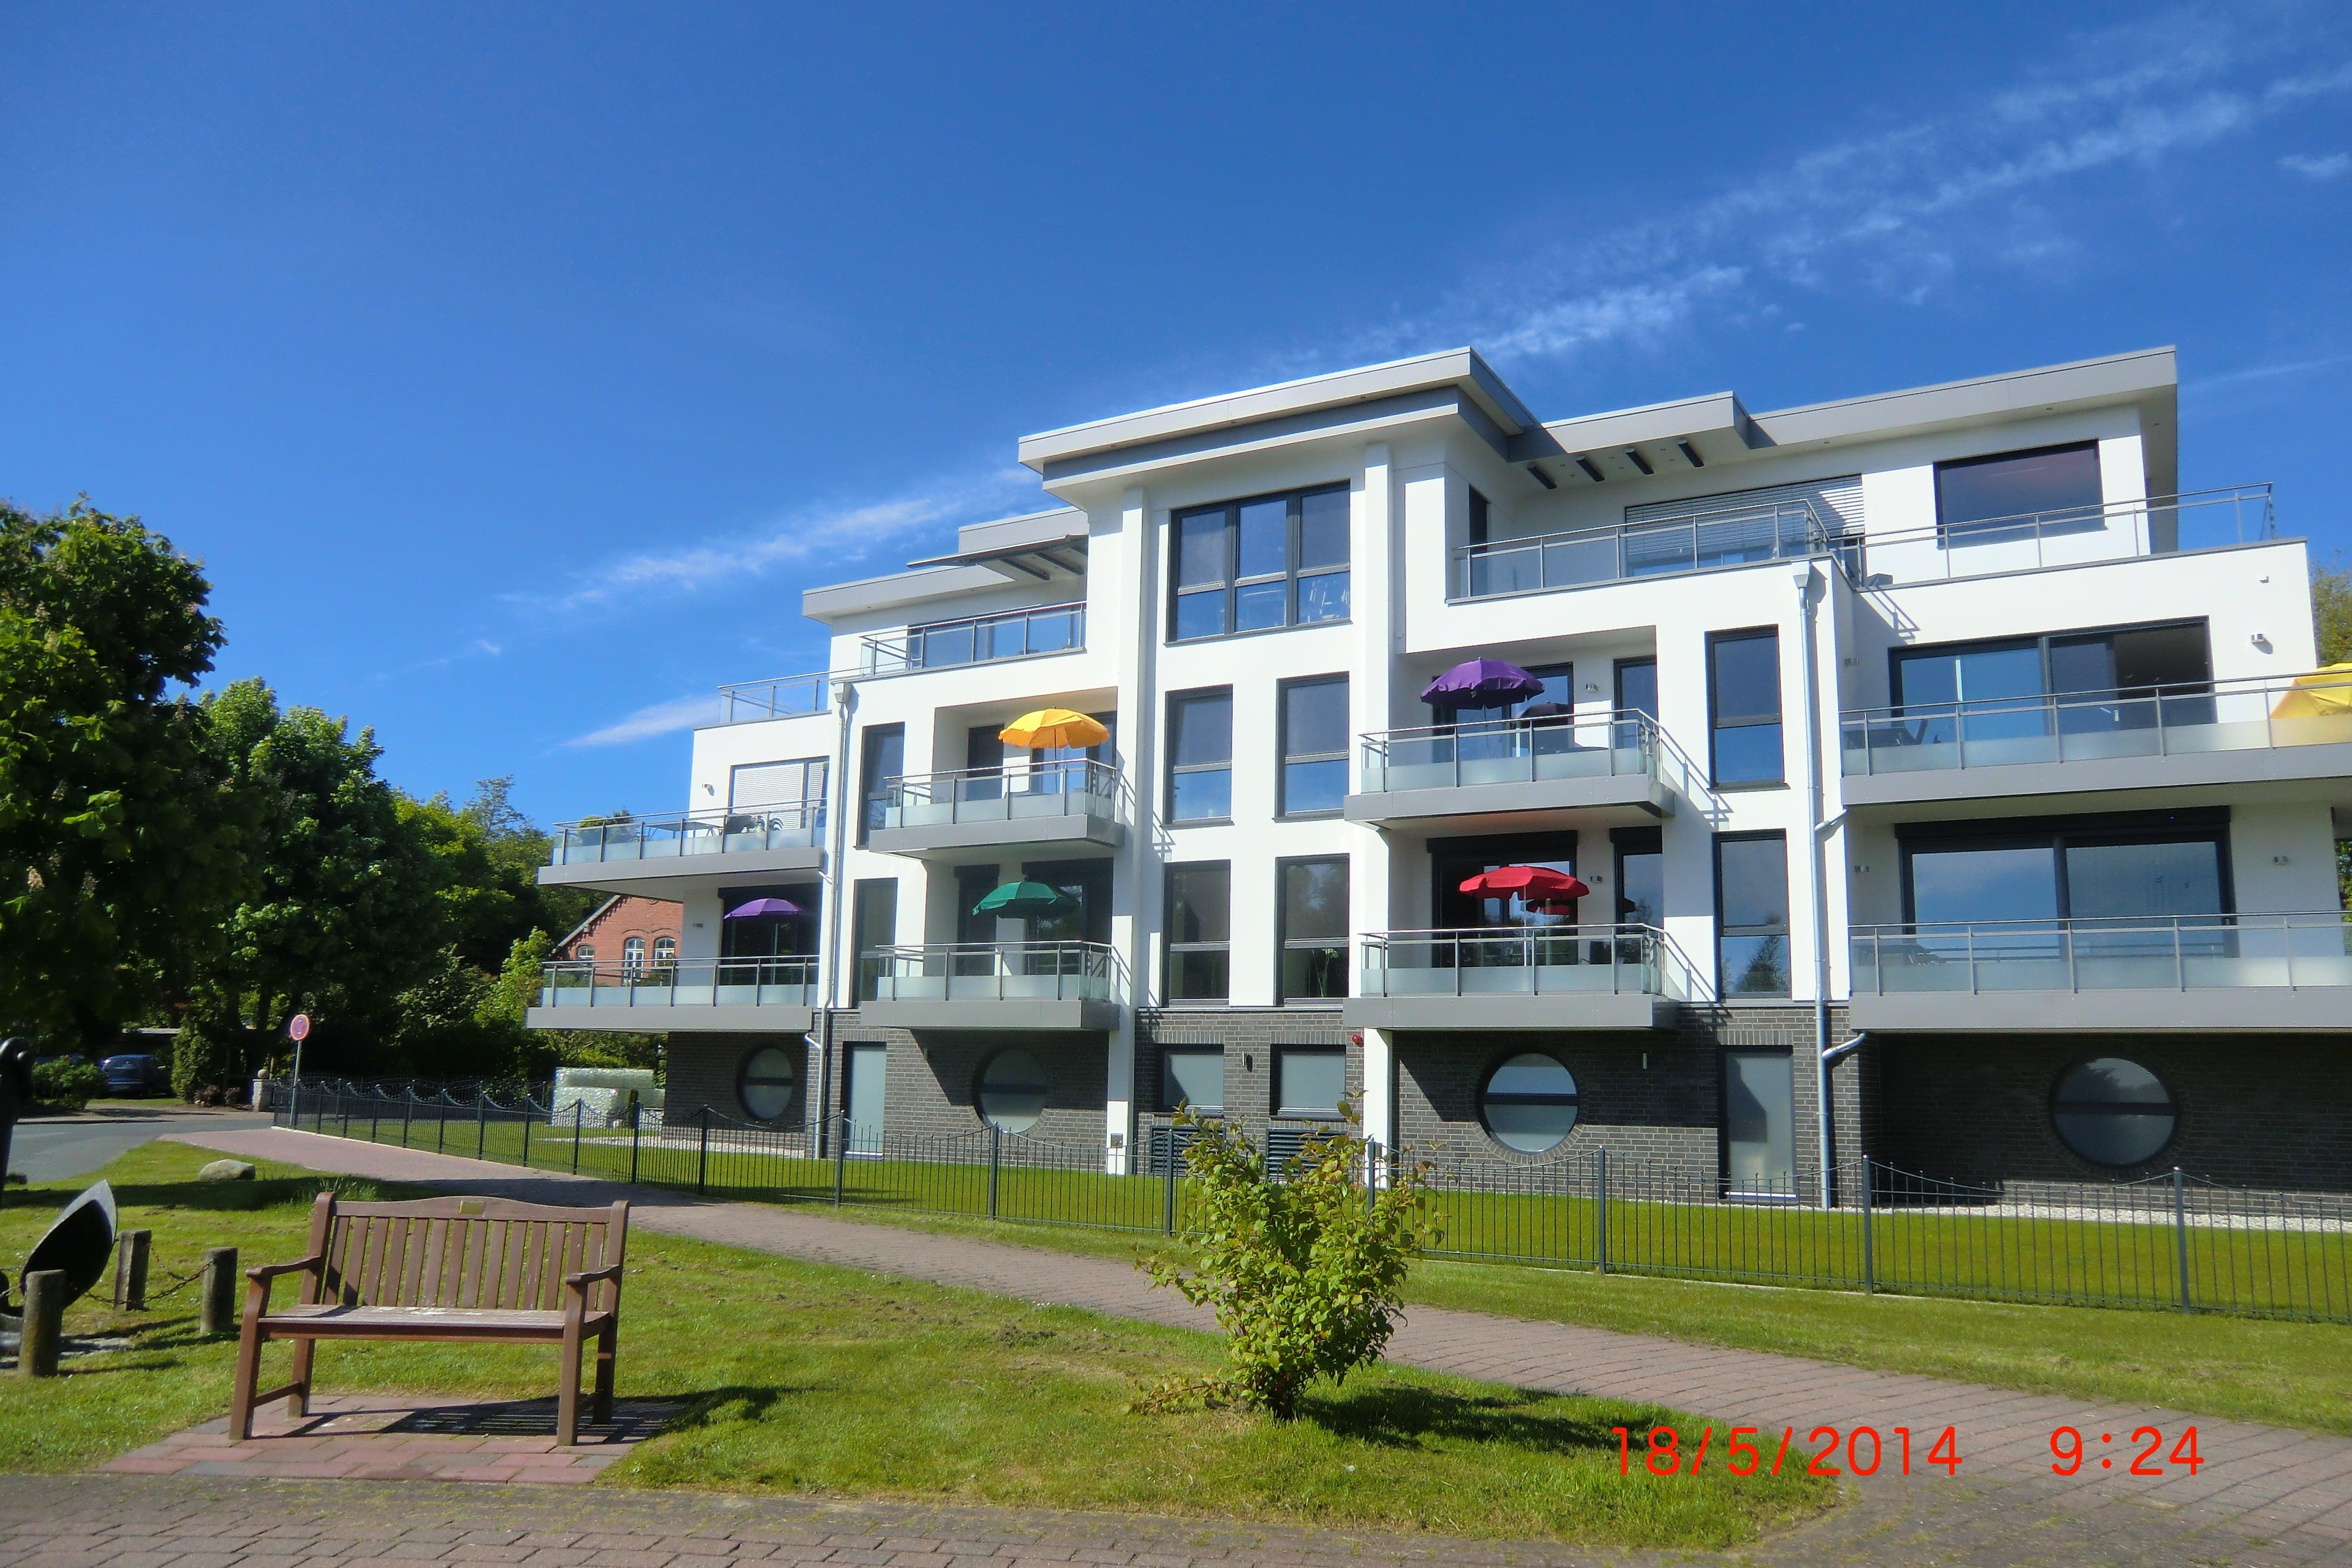 Holiday apartment Neue Seelust - Iben (Geestland, Bad Bederkesa).